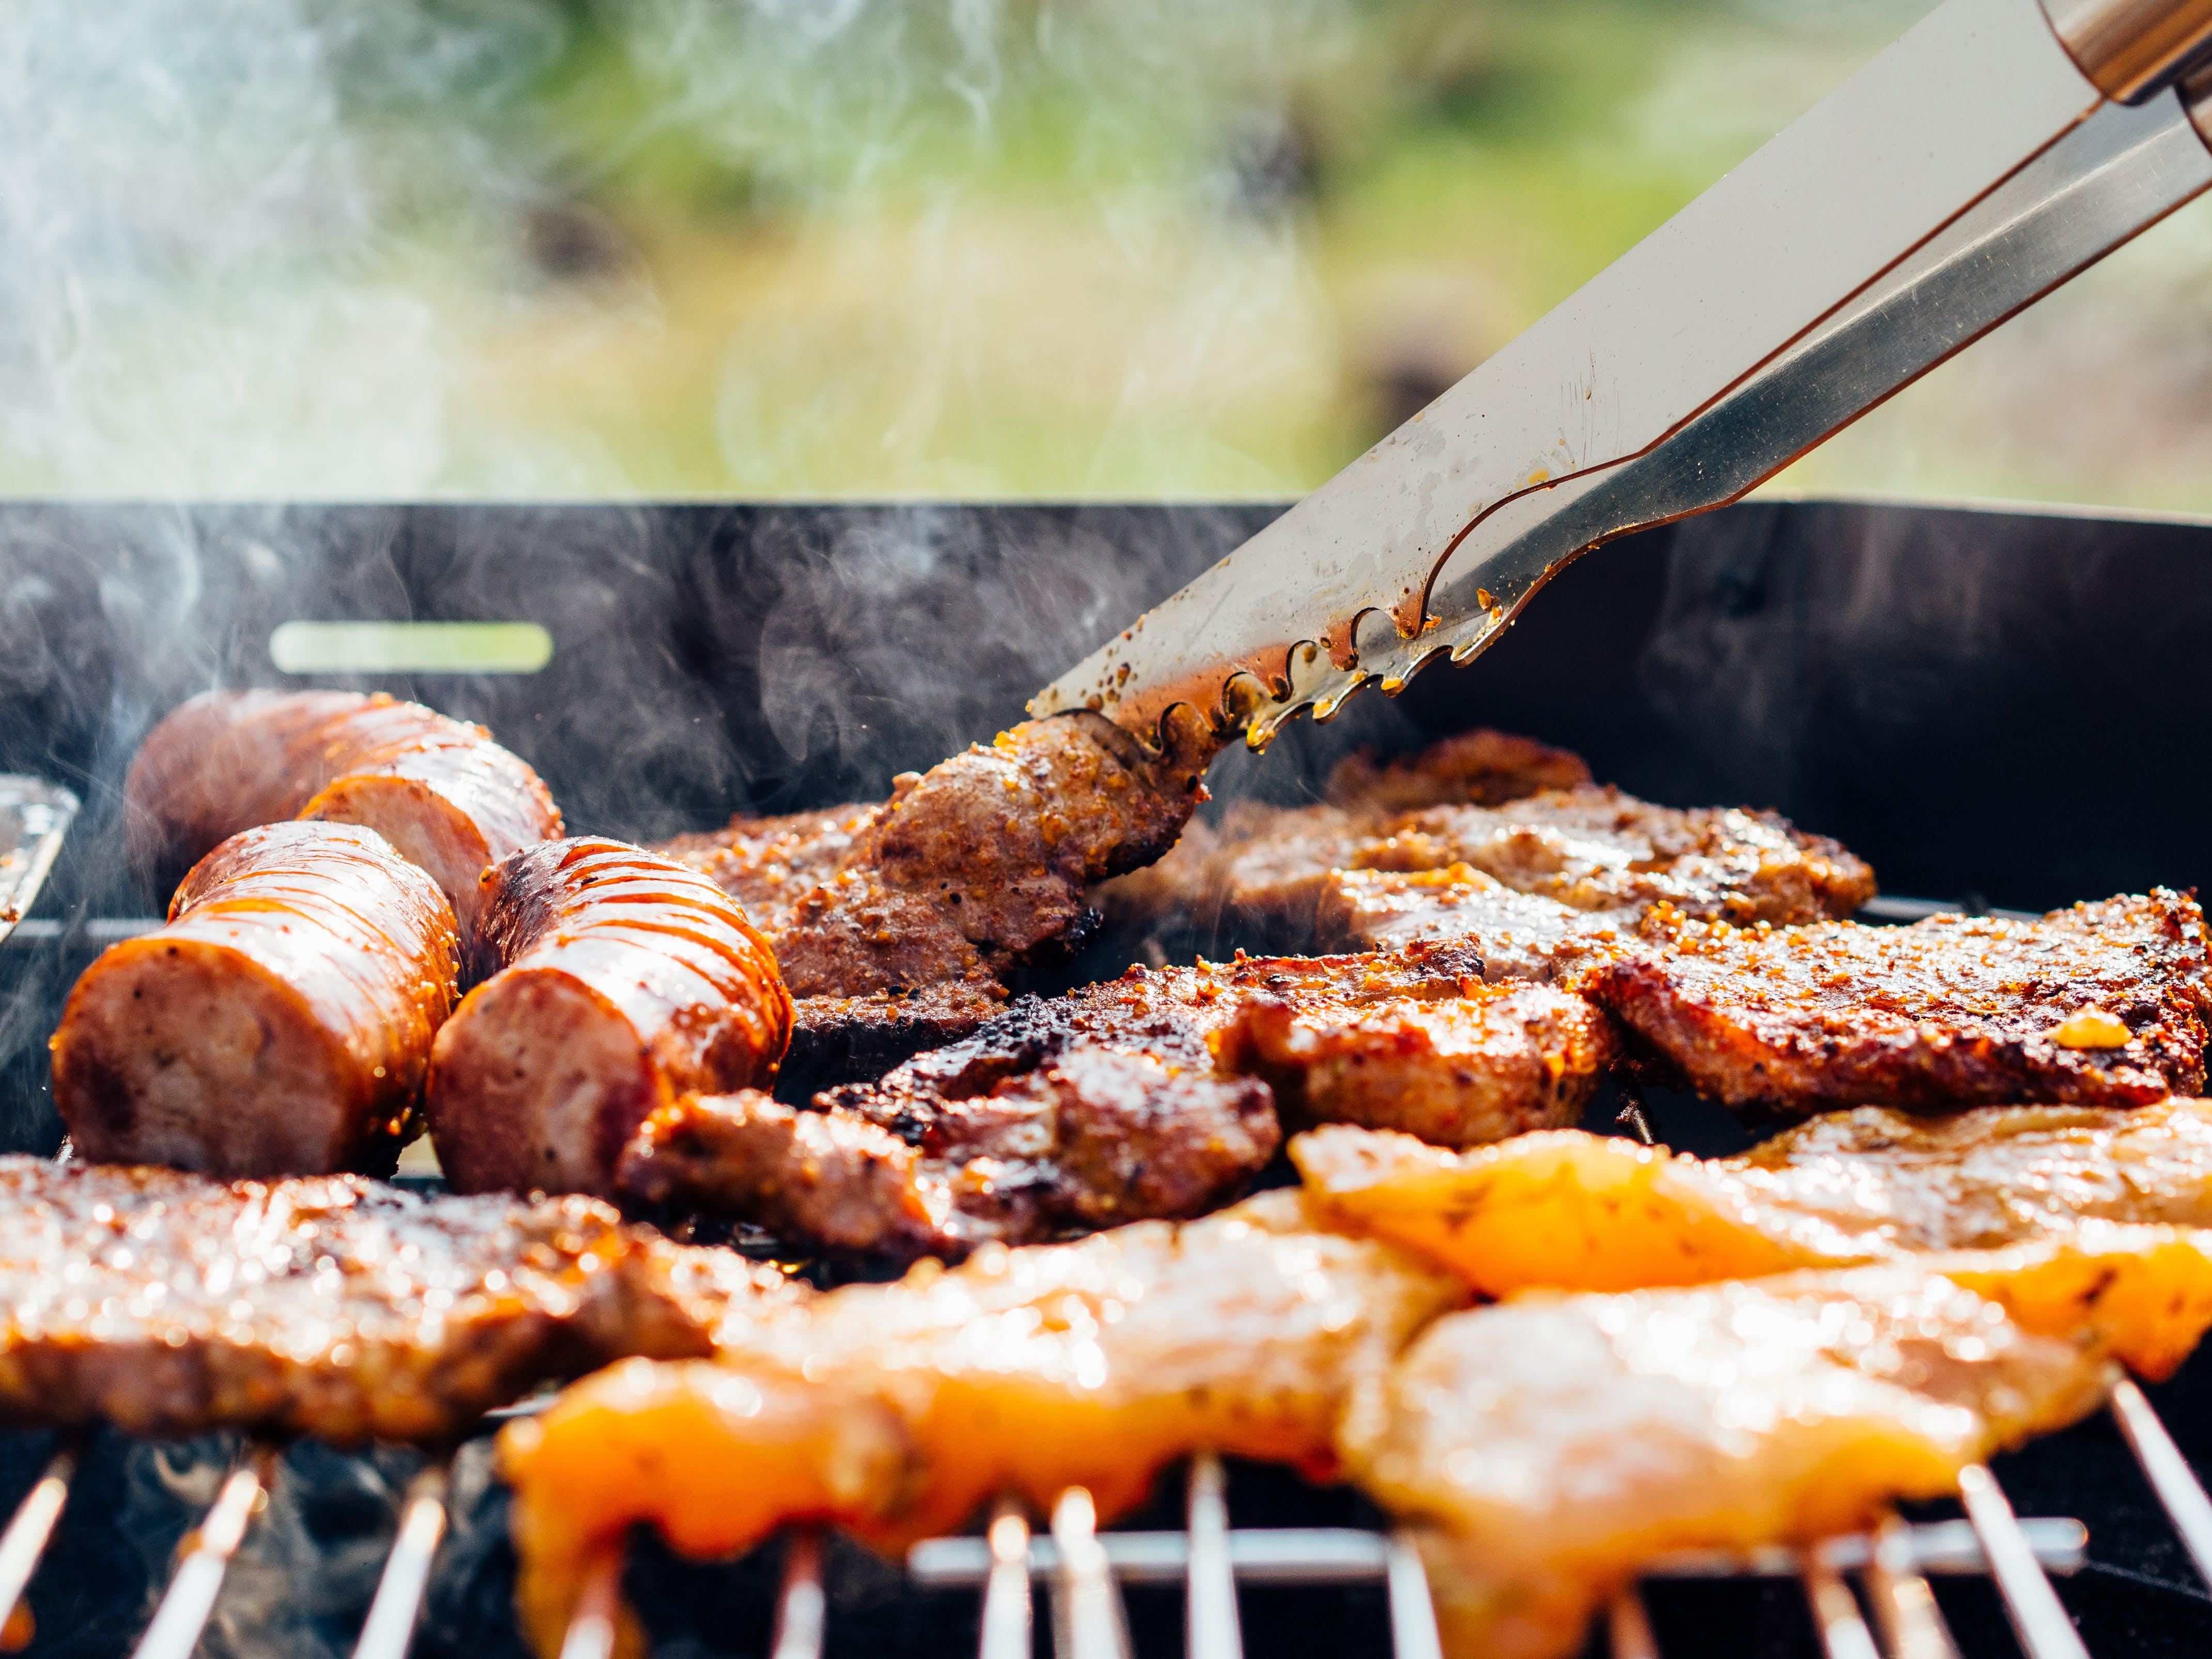 Fotos de stock gratuitas de a la barbacoa, almuerzo, carne, cena